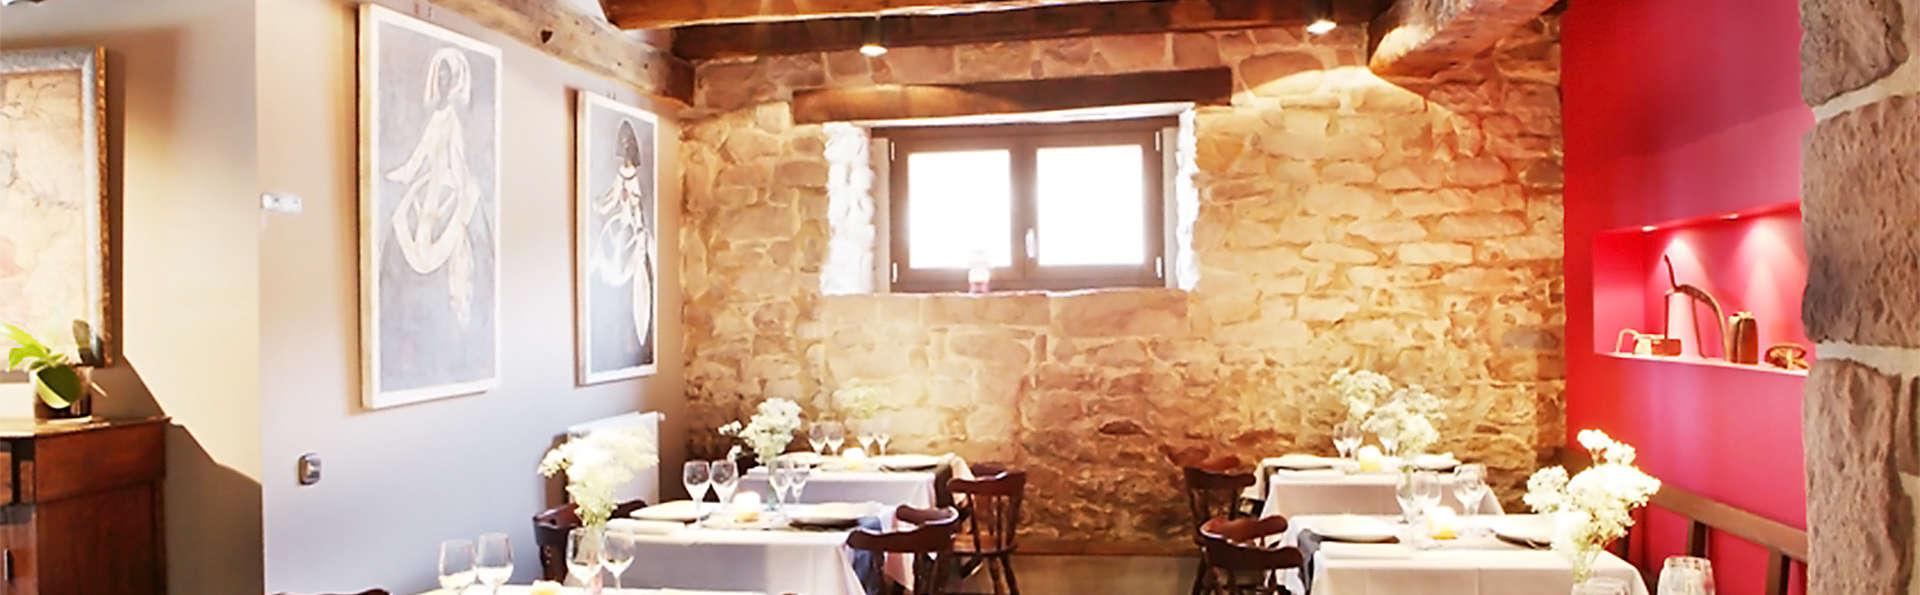 Gastronomie et romantisme dans la Vallée de Ulzama (2 nuits)